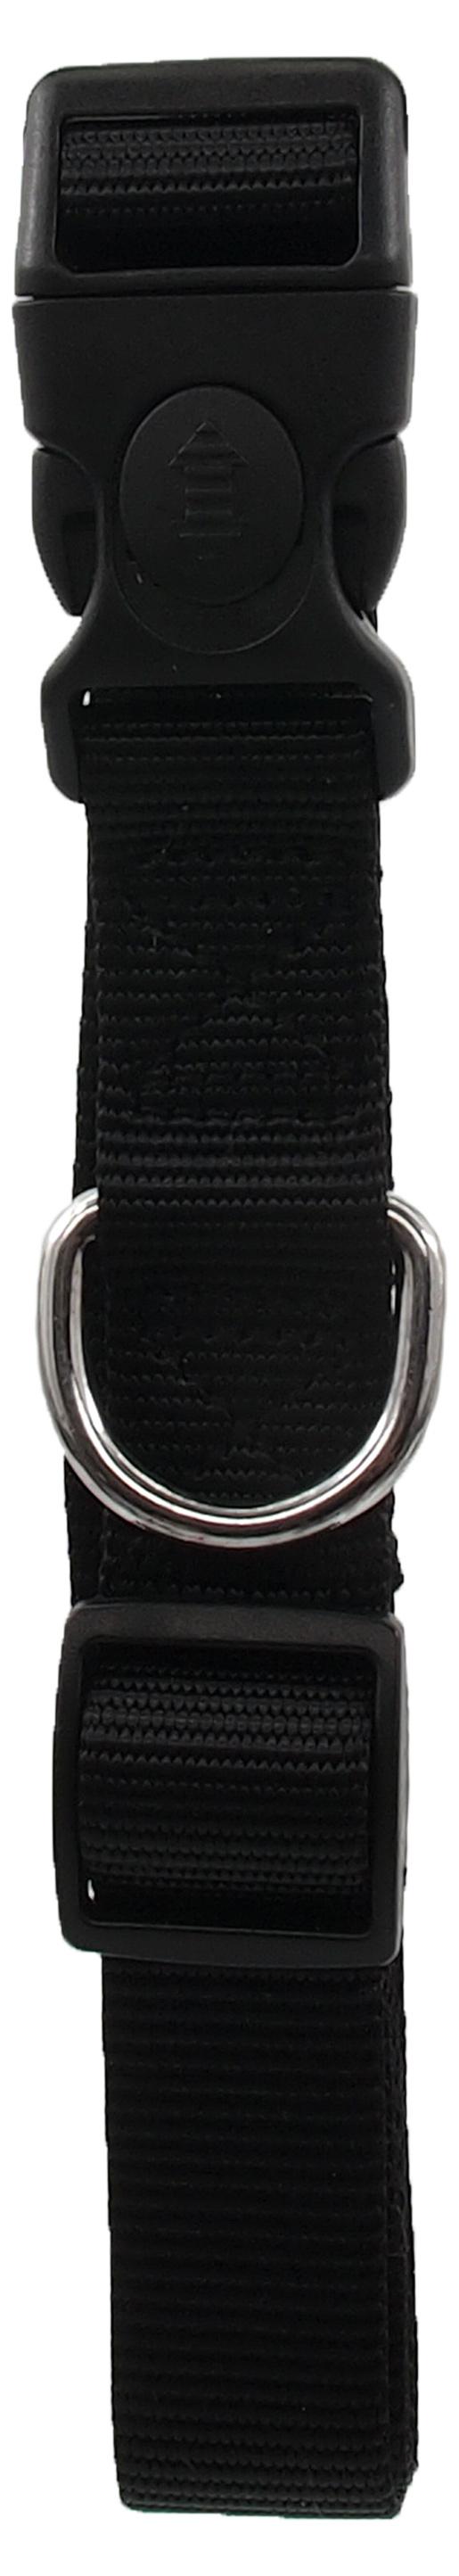 Ошейник - Dog Fantasy Неилон L, 2.5cm, 45-68cm, цвет - черный